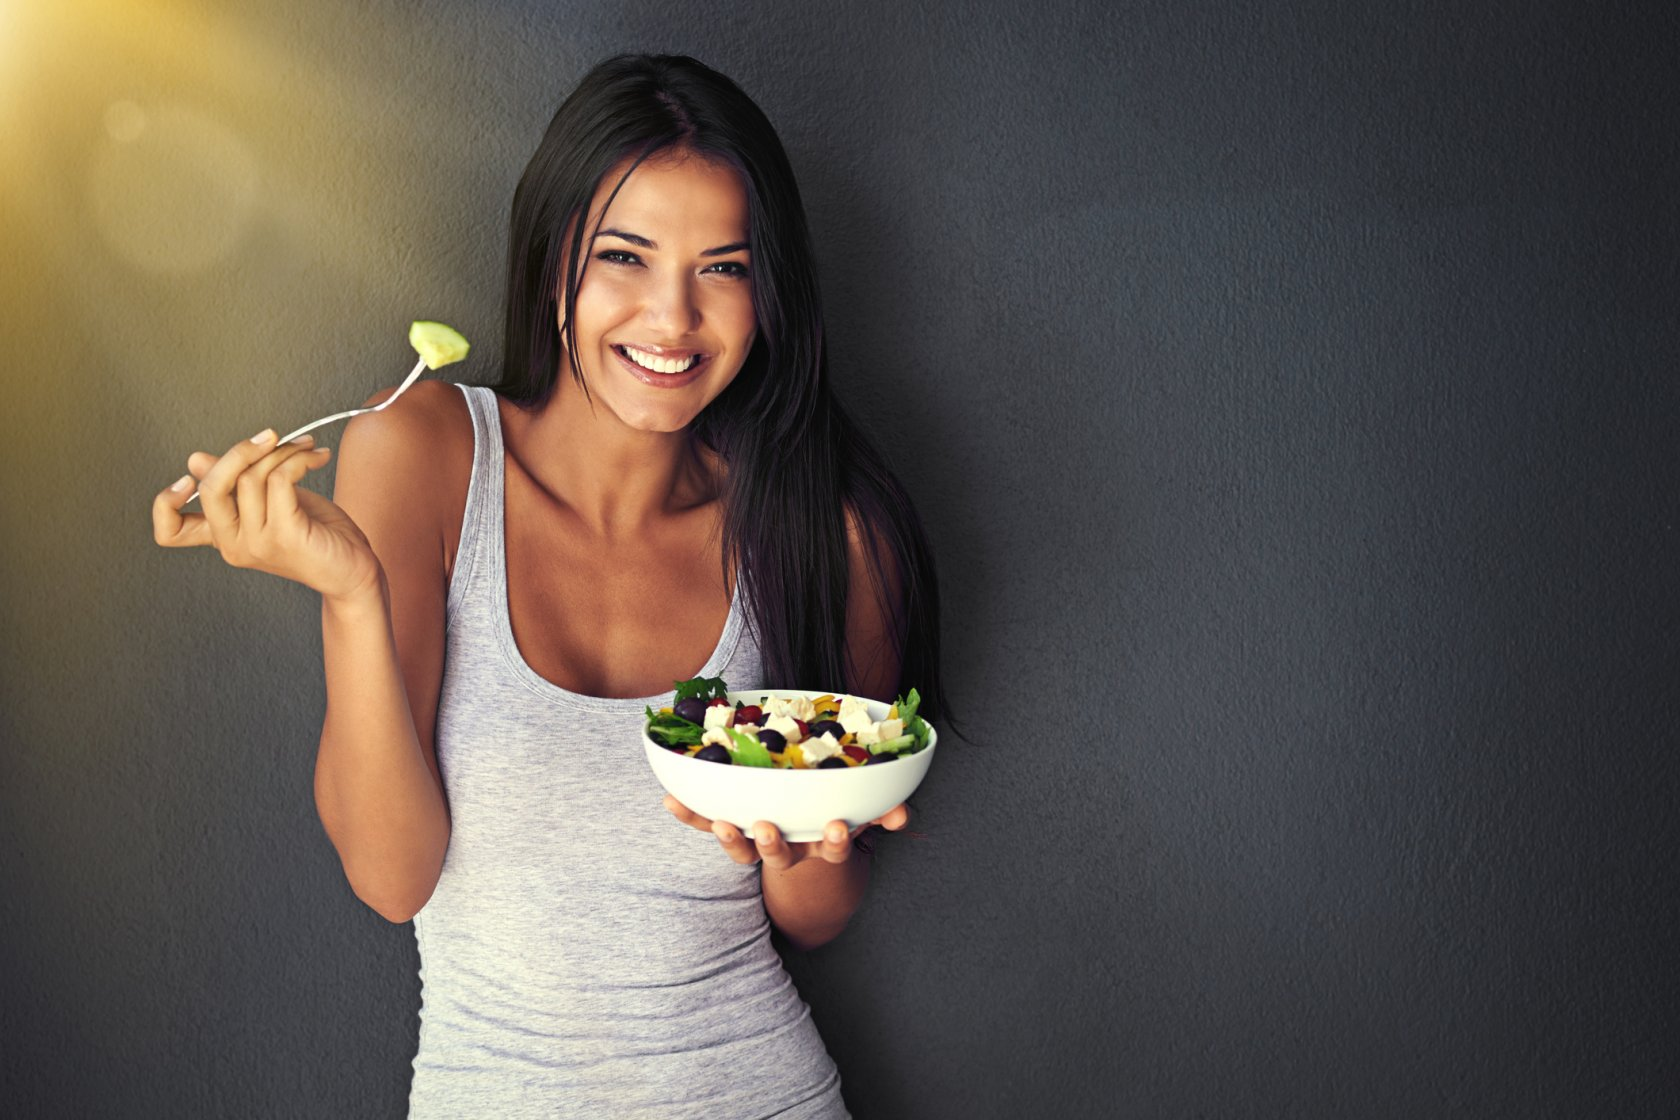 Интересные И Вкусные Диеты. Самая эффективная диета для похудения в домашних условиях